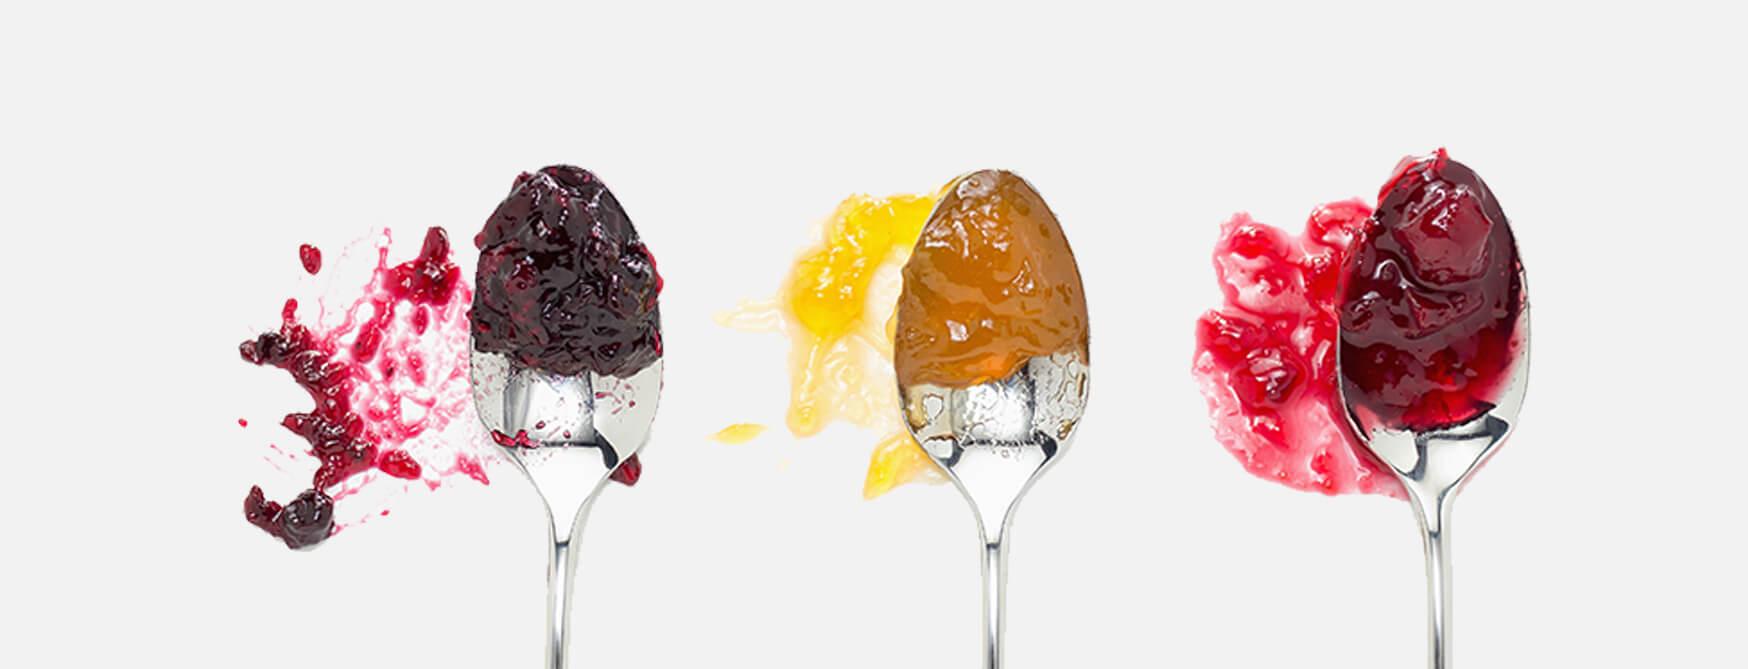 jellies on spoons